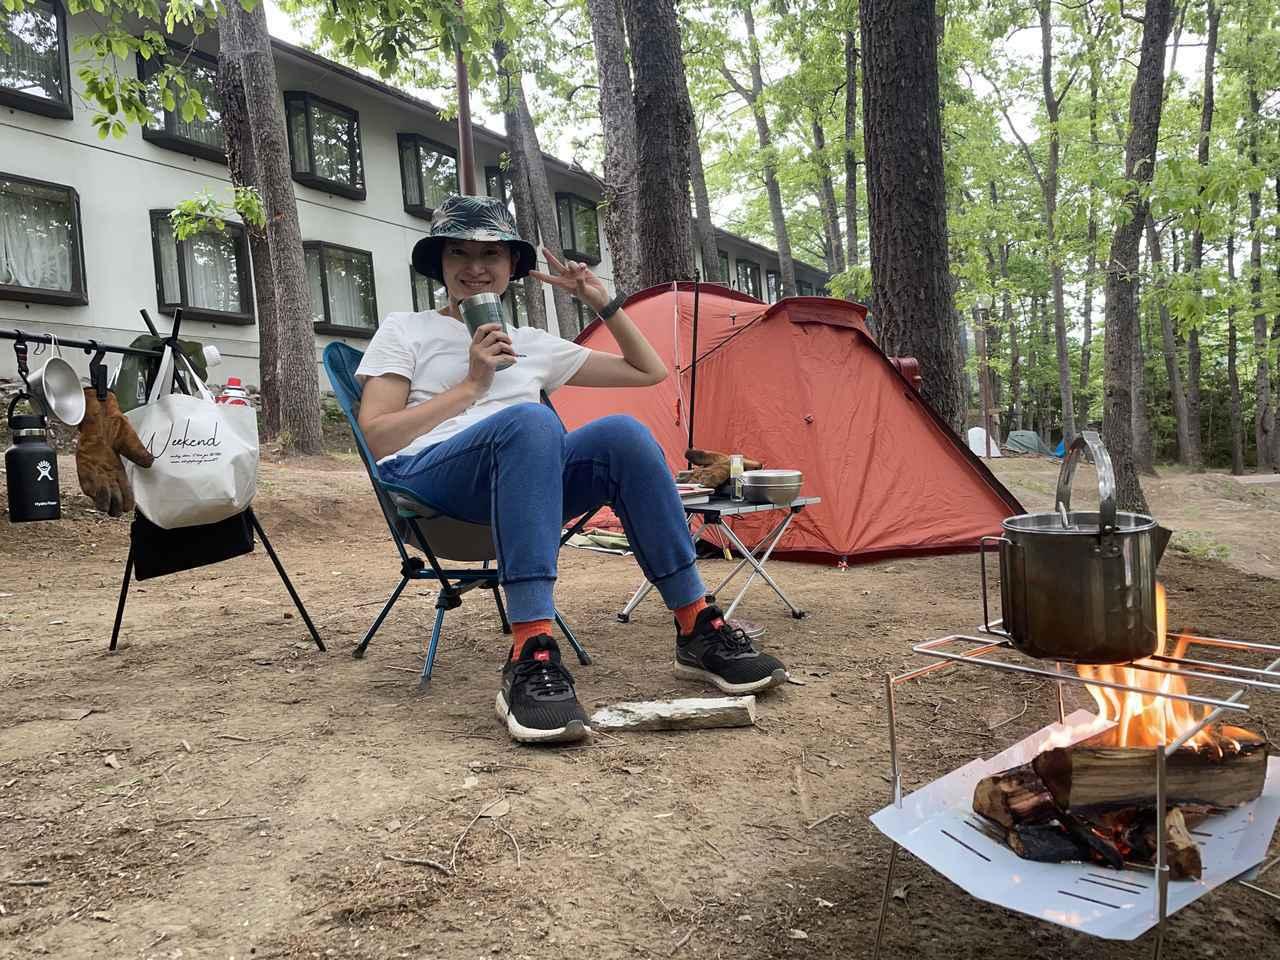 画像: ママ&女子キャンパーのソロキャンプ★軽量&簡単設営のデカトロンテントを絶対におすすめしたい5つの理由 - ハピキャン|キャンプ・アウトドア情報メディア